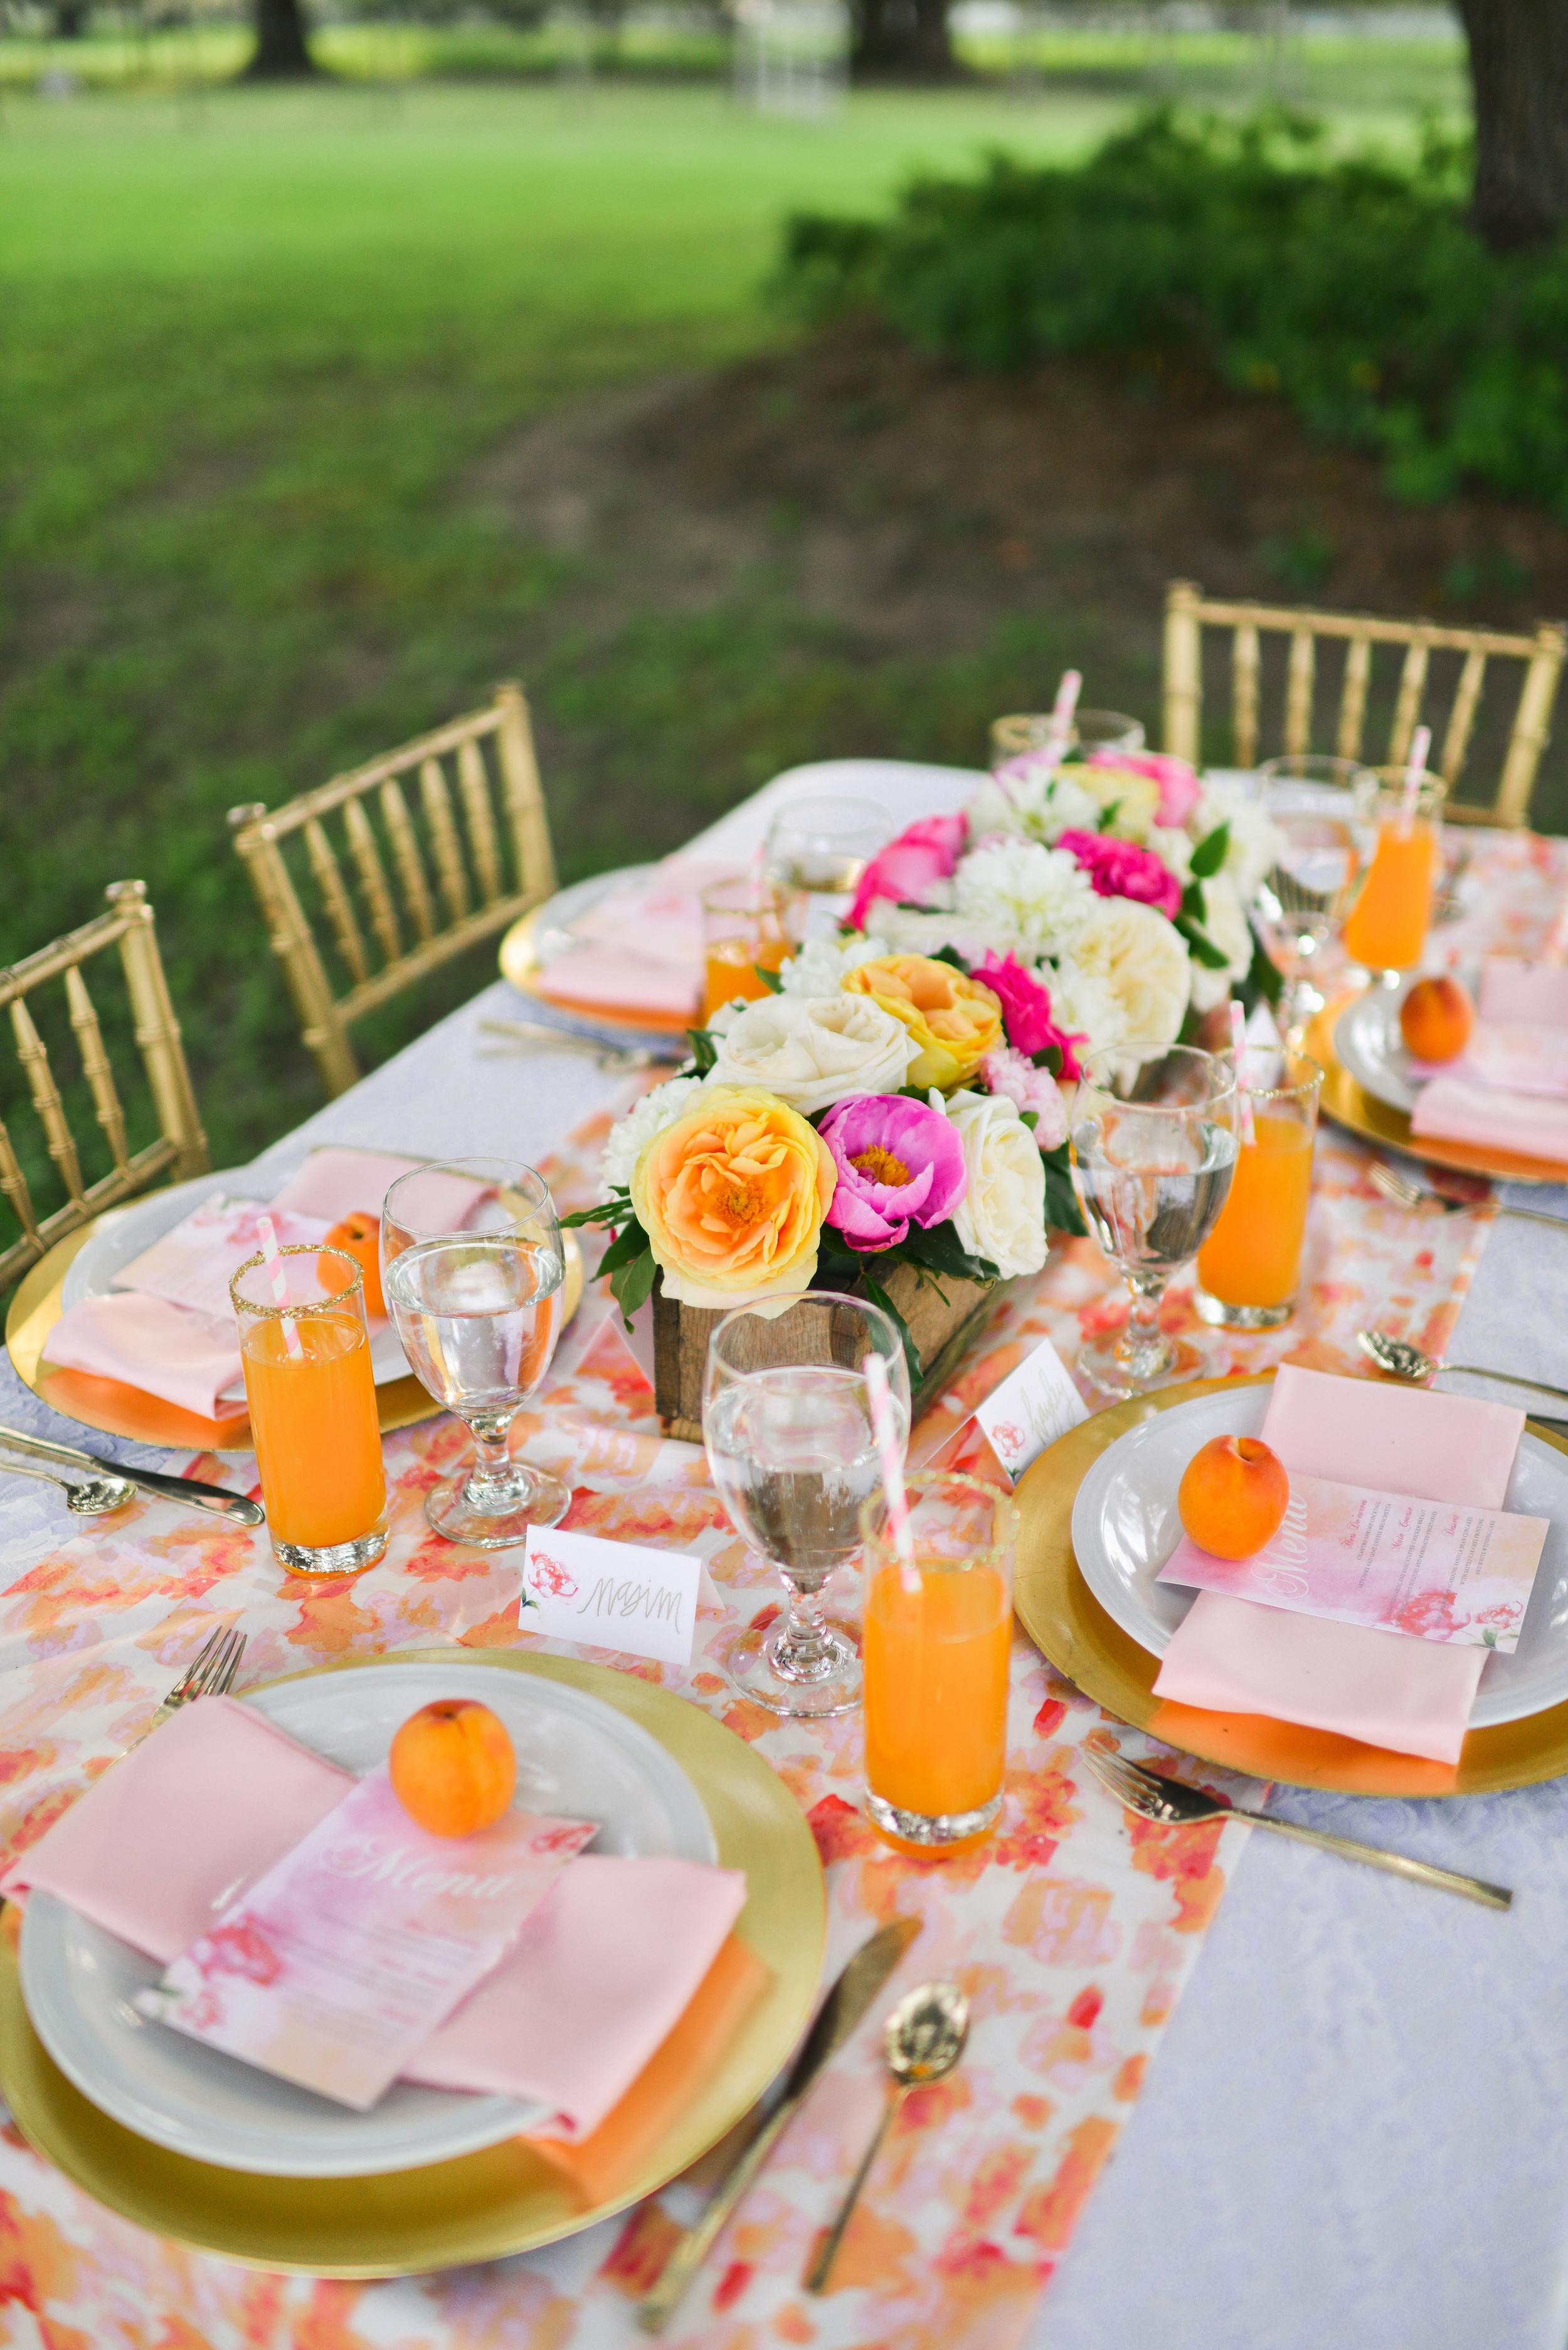 Reception Menu for Watercolor Wedding